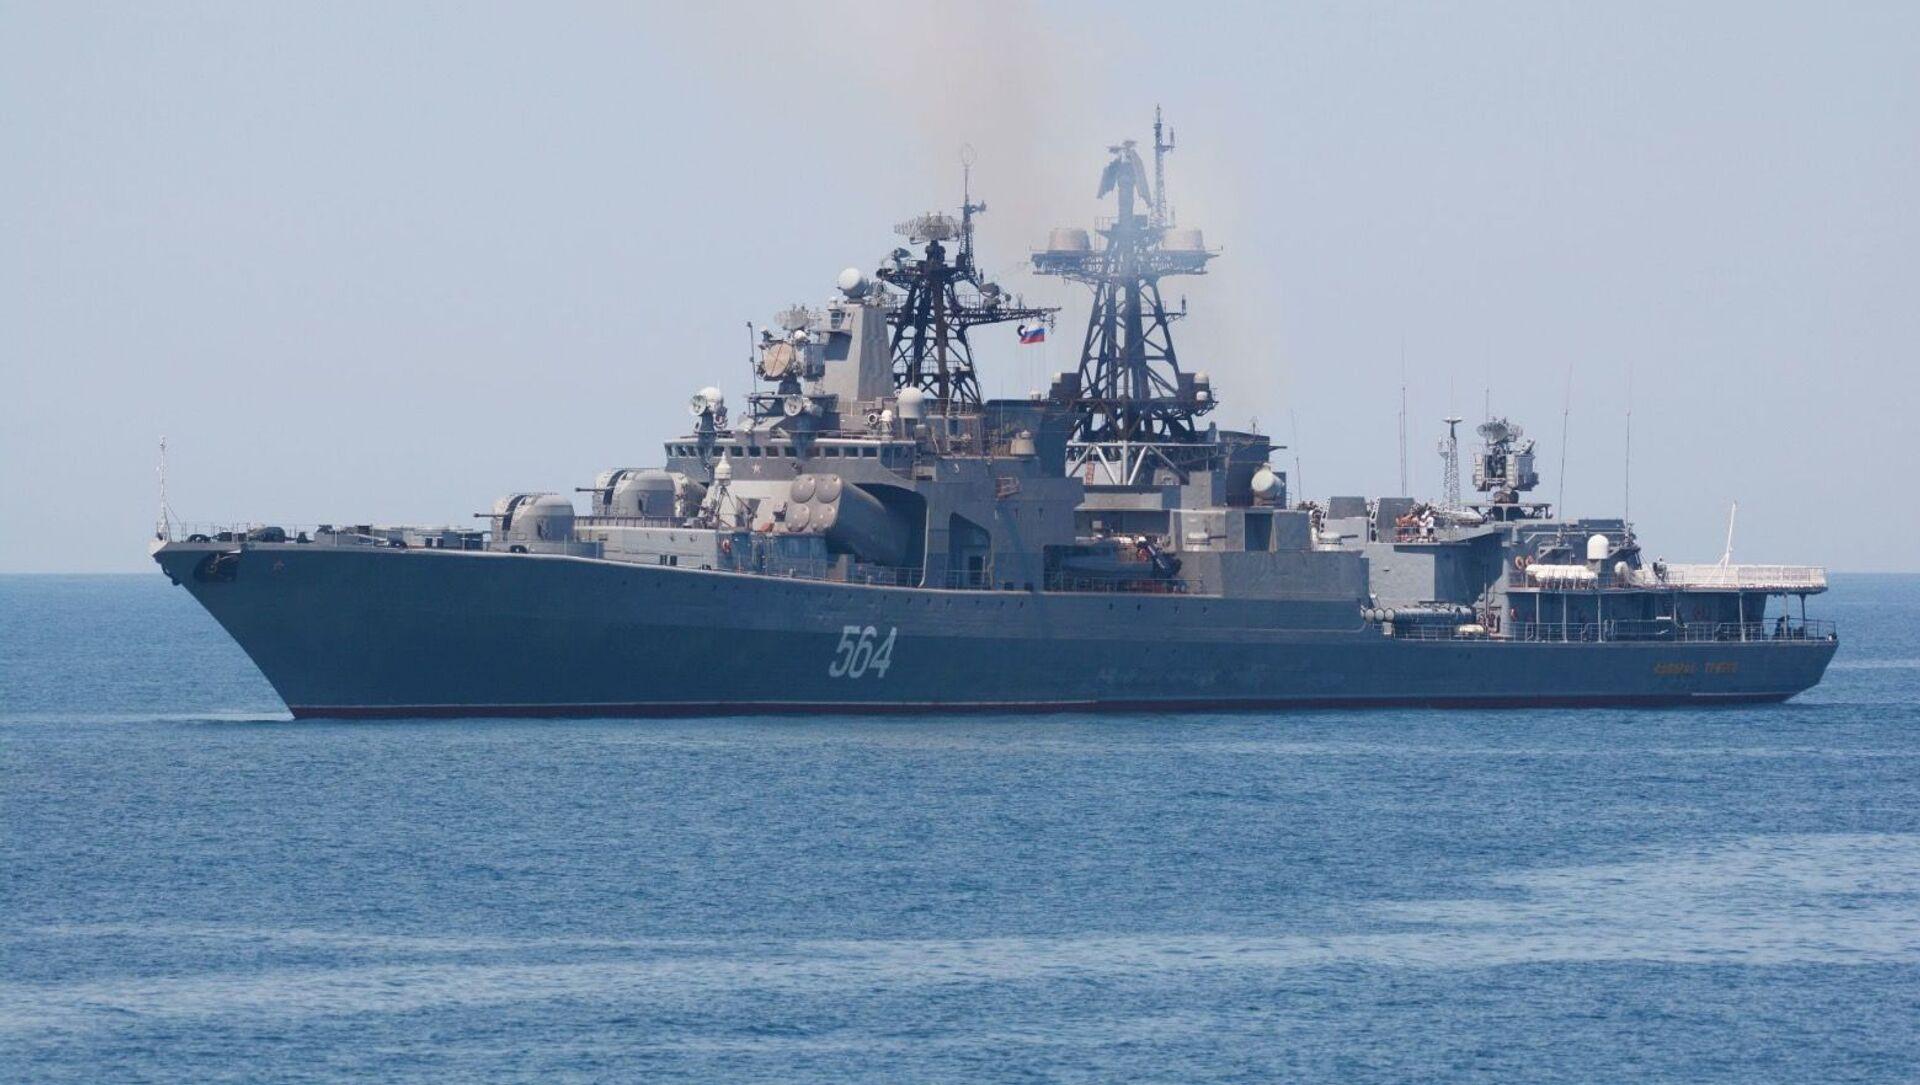 ロシア太平洋艦隊 - Sputnik 日本, 1920, 23.06.2021